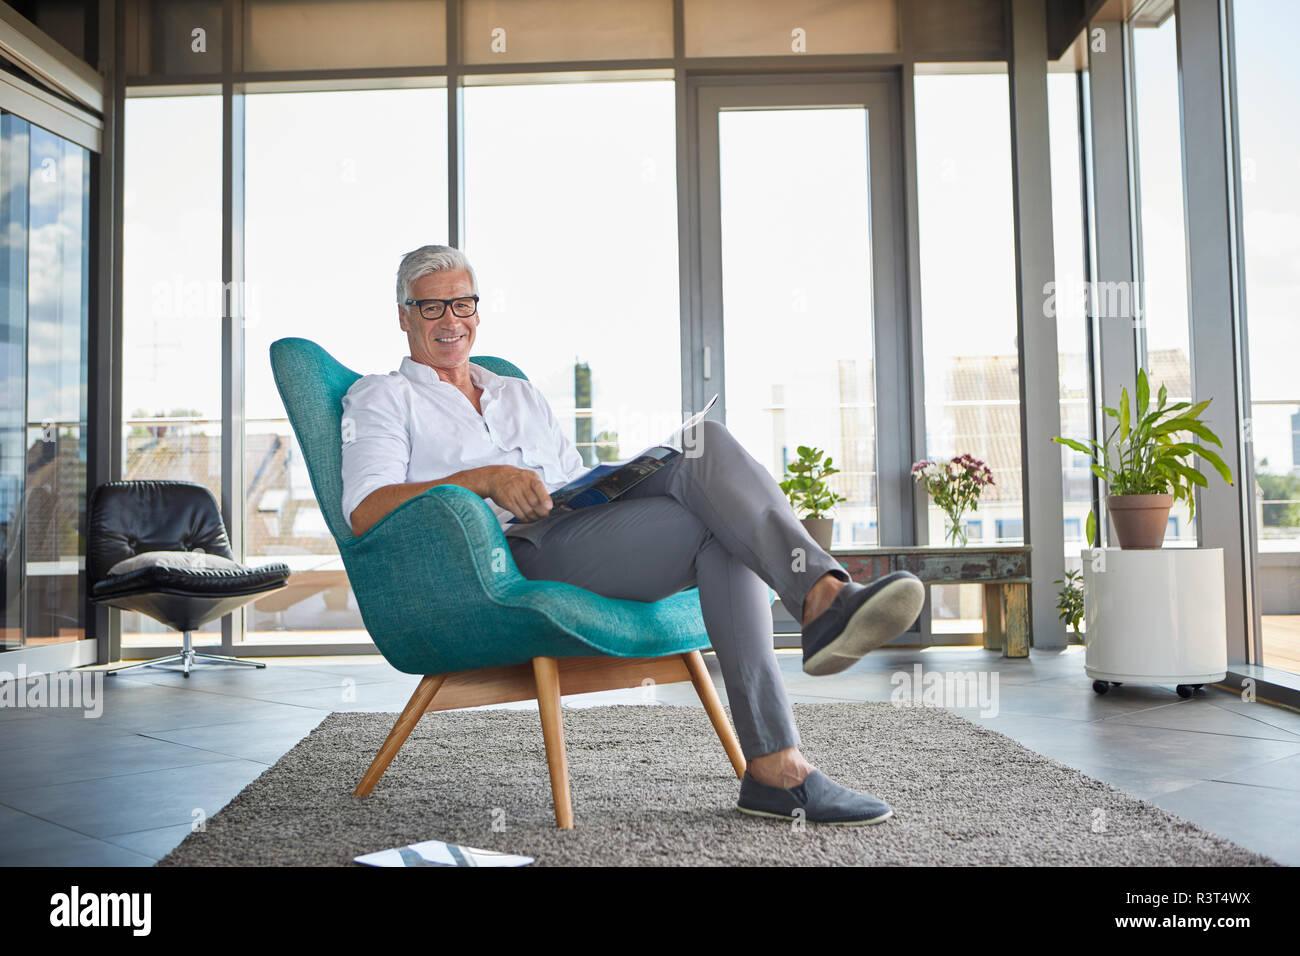 Portrait of smiling mature man avec une brochure de vous détendre dans un fauteuil près de la fenêtre à la maison Photo Stock